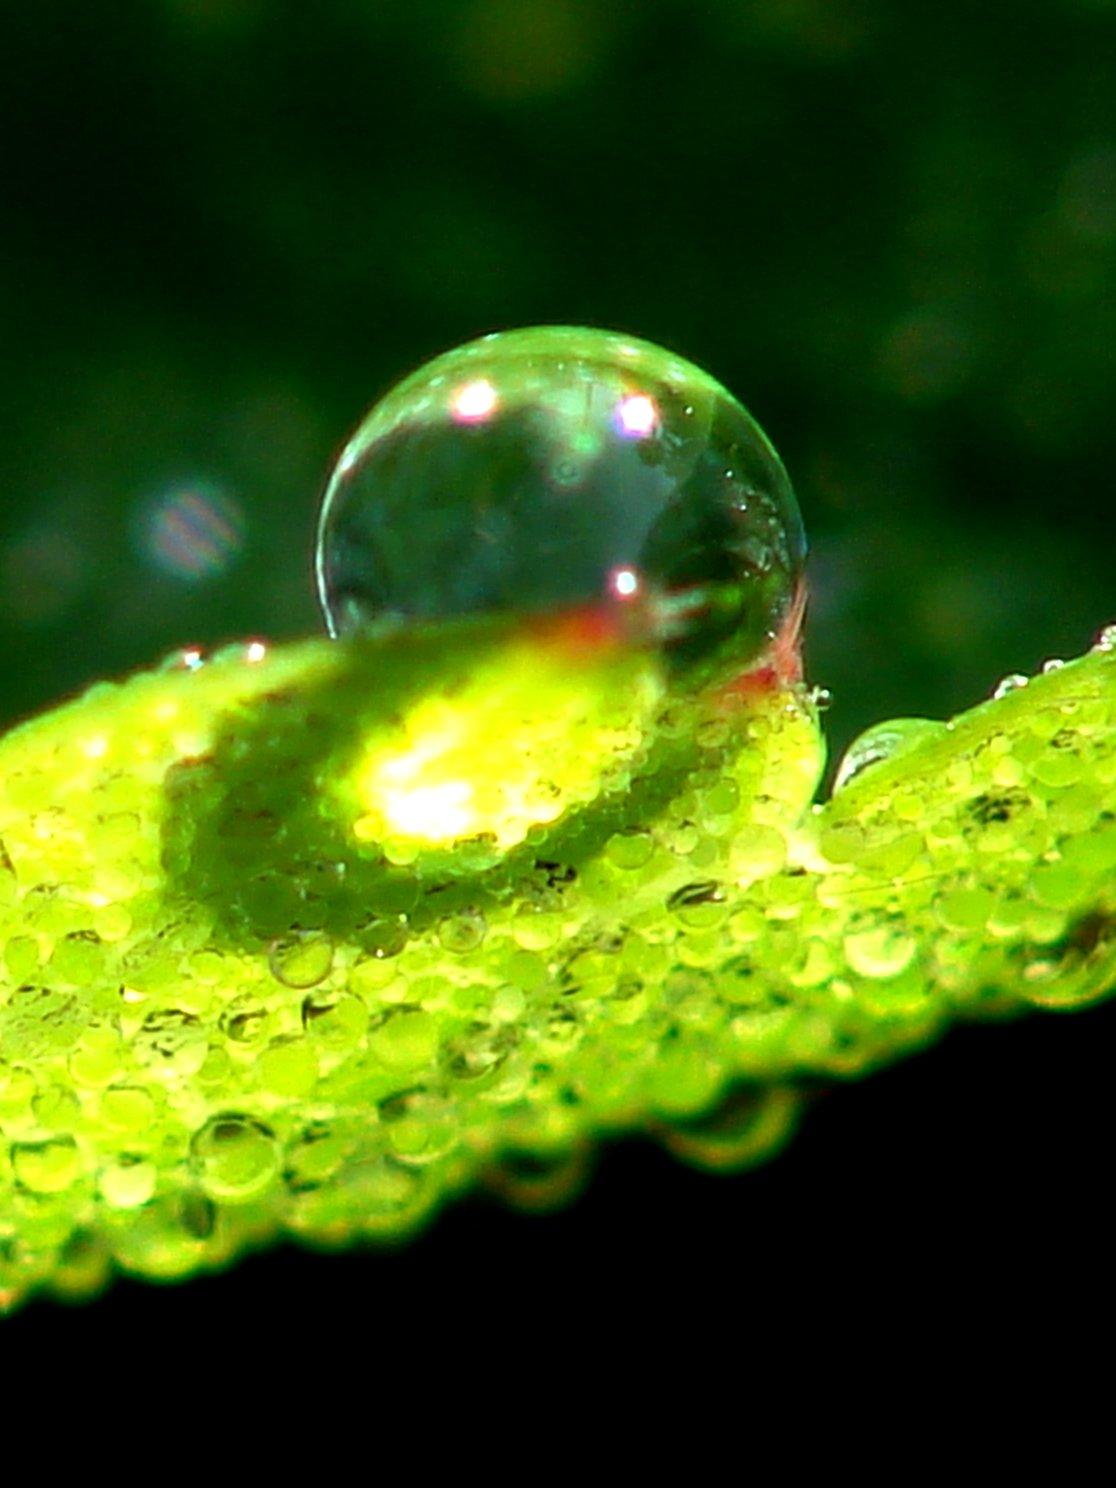 Капля воды в природе картинки для